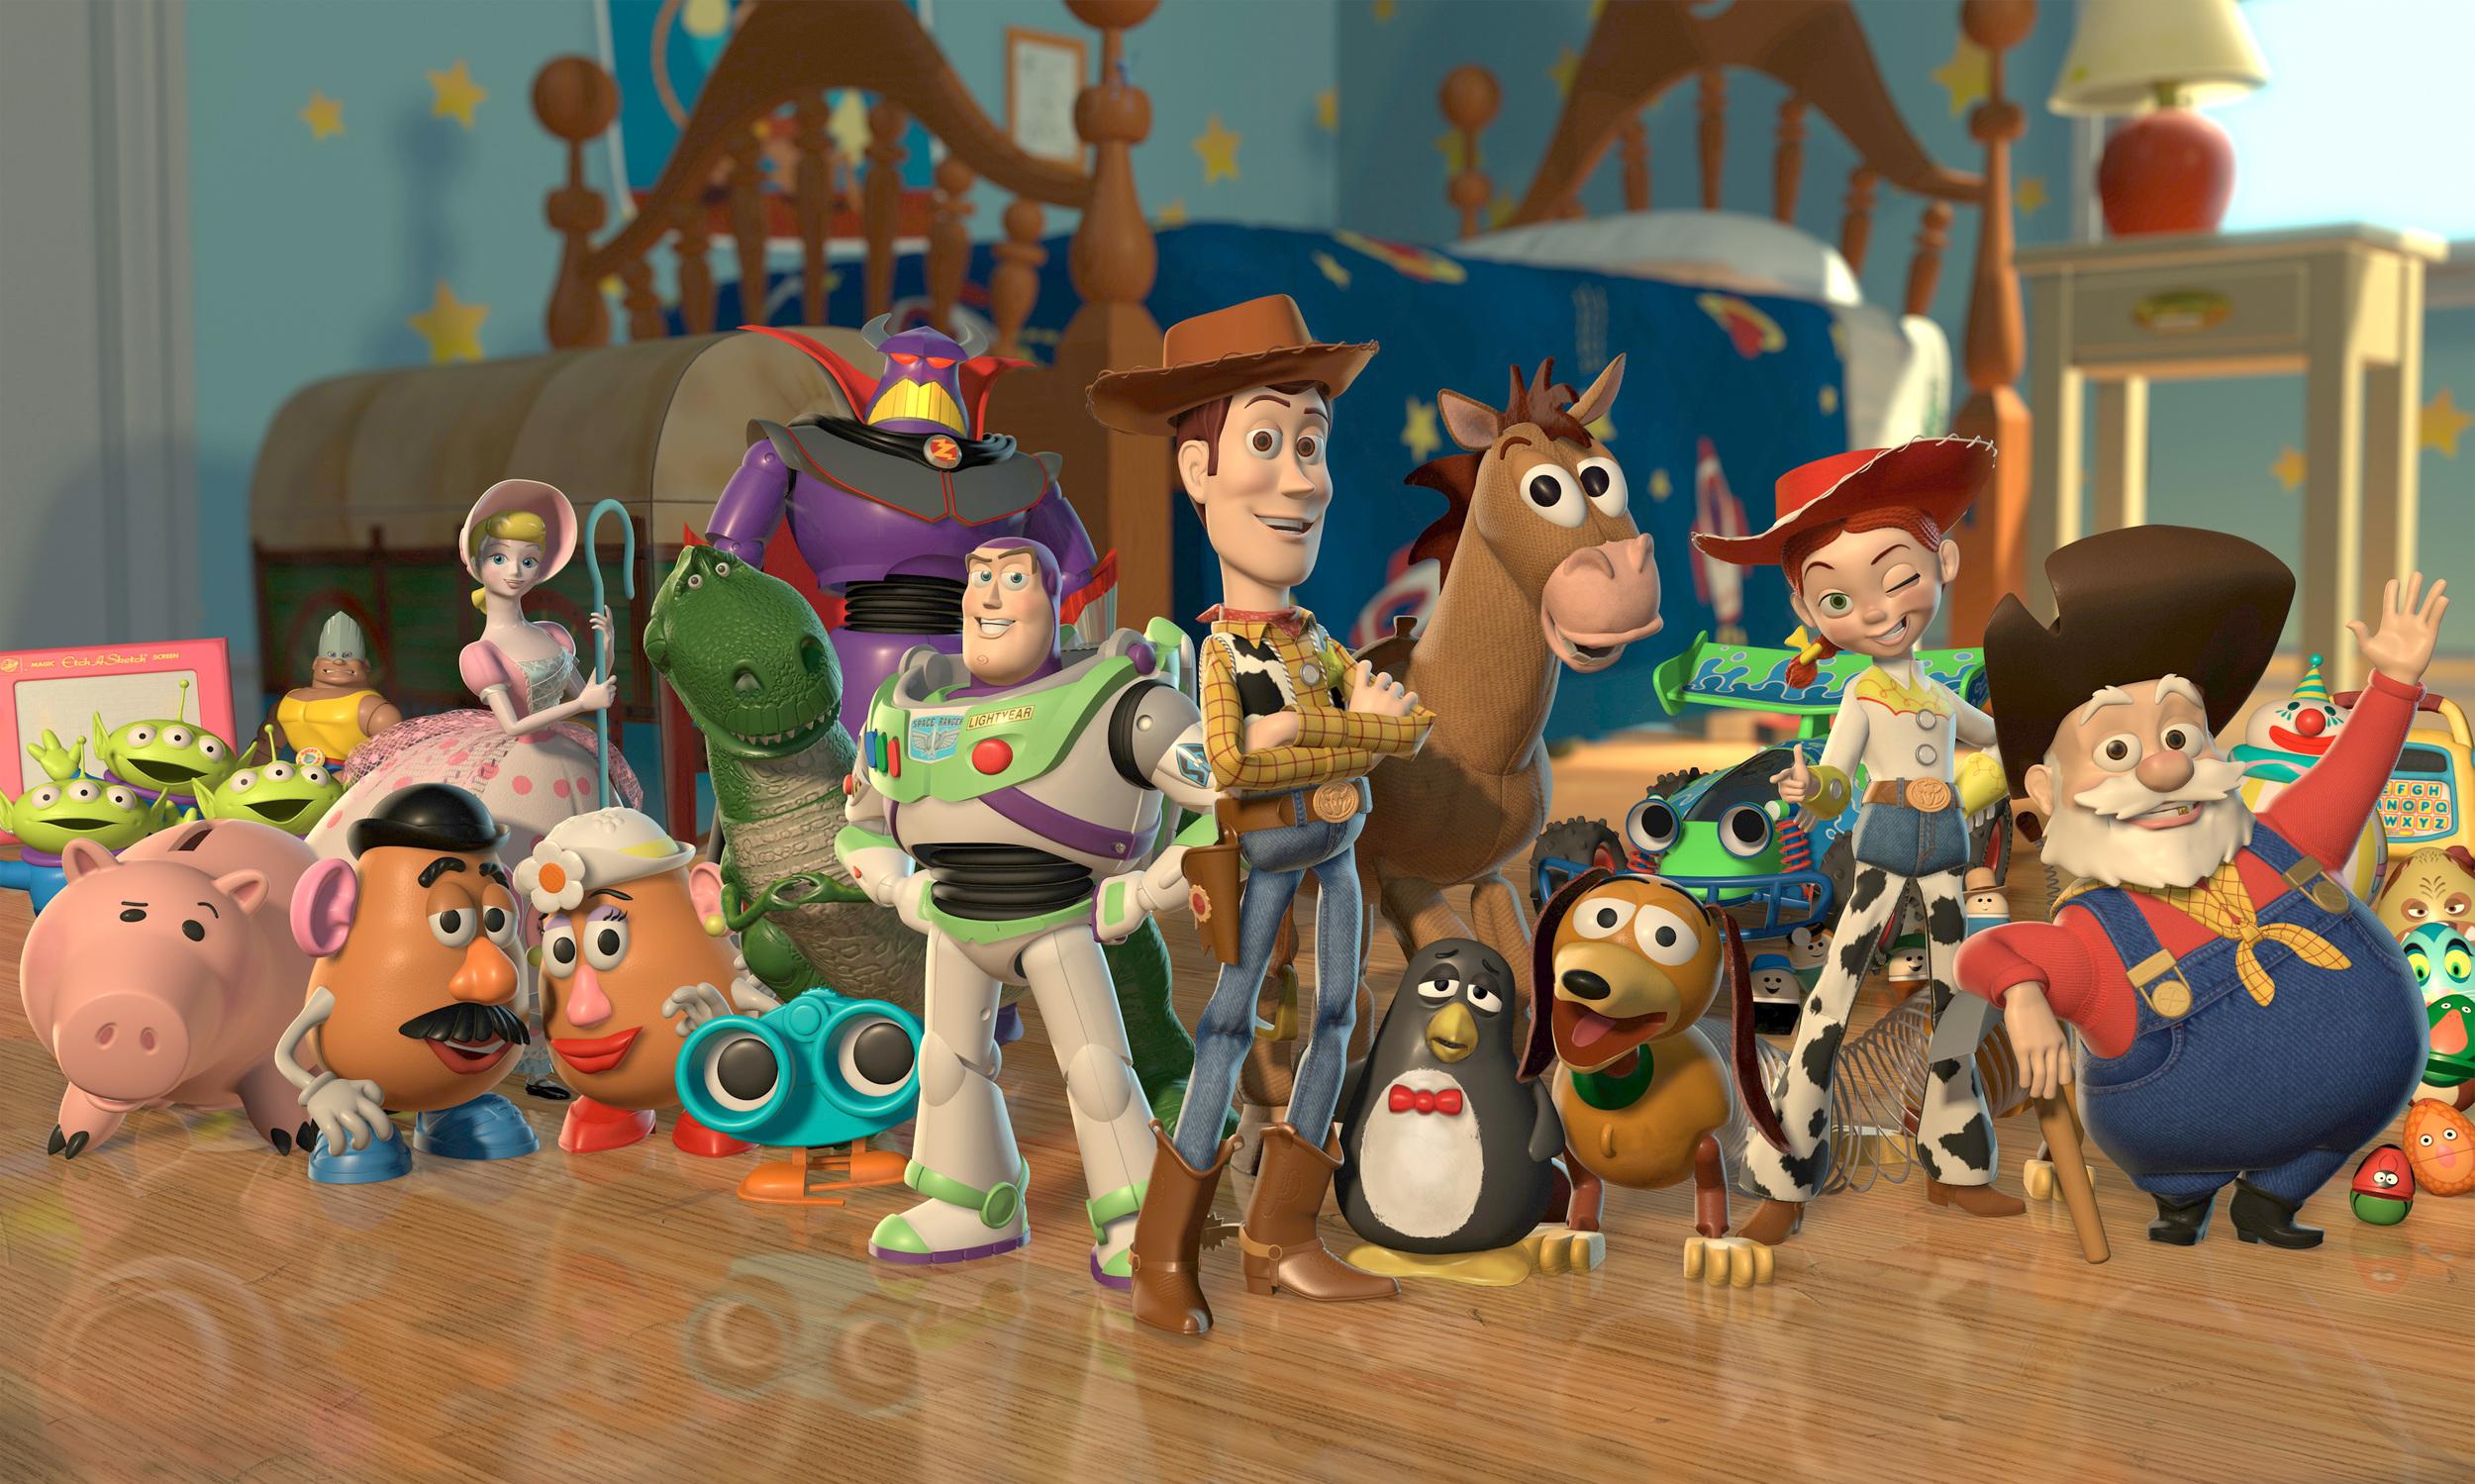 Copyright 1995 Pixar